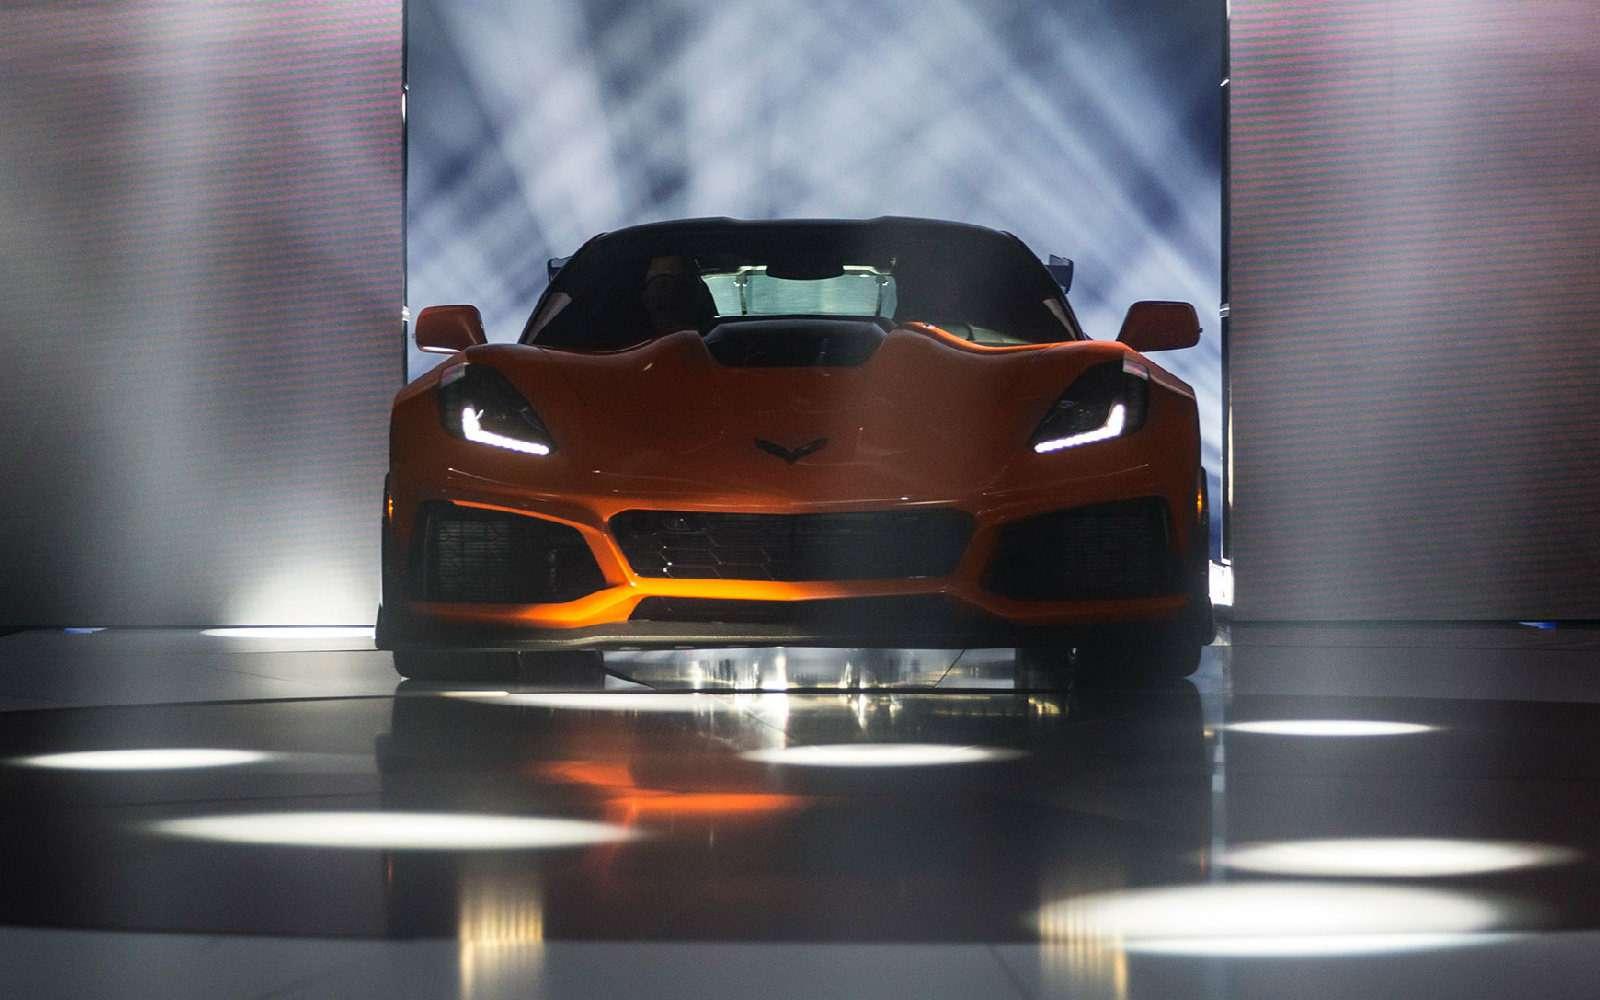 13радиаторов и766 лошадей: представлен самый крутой Corvette вистории— фото 815822